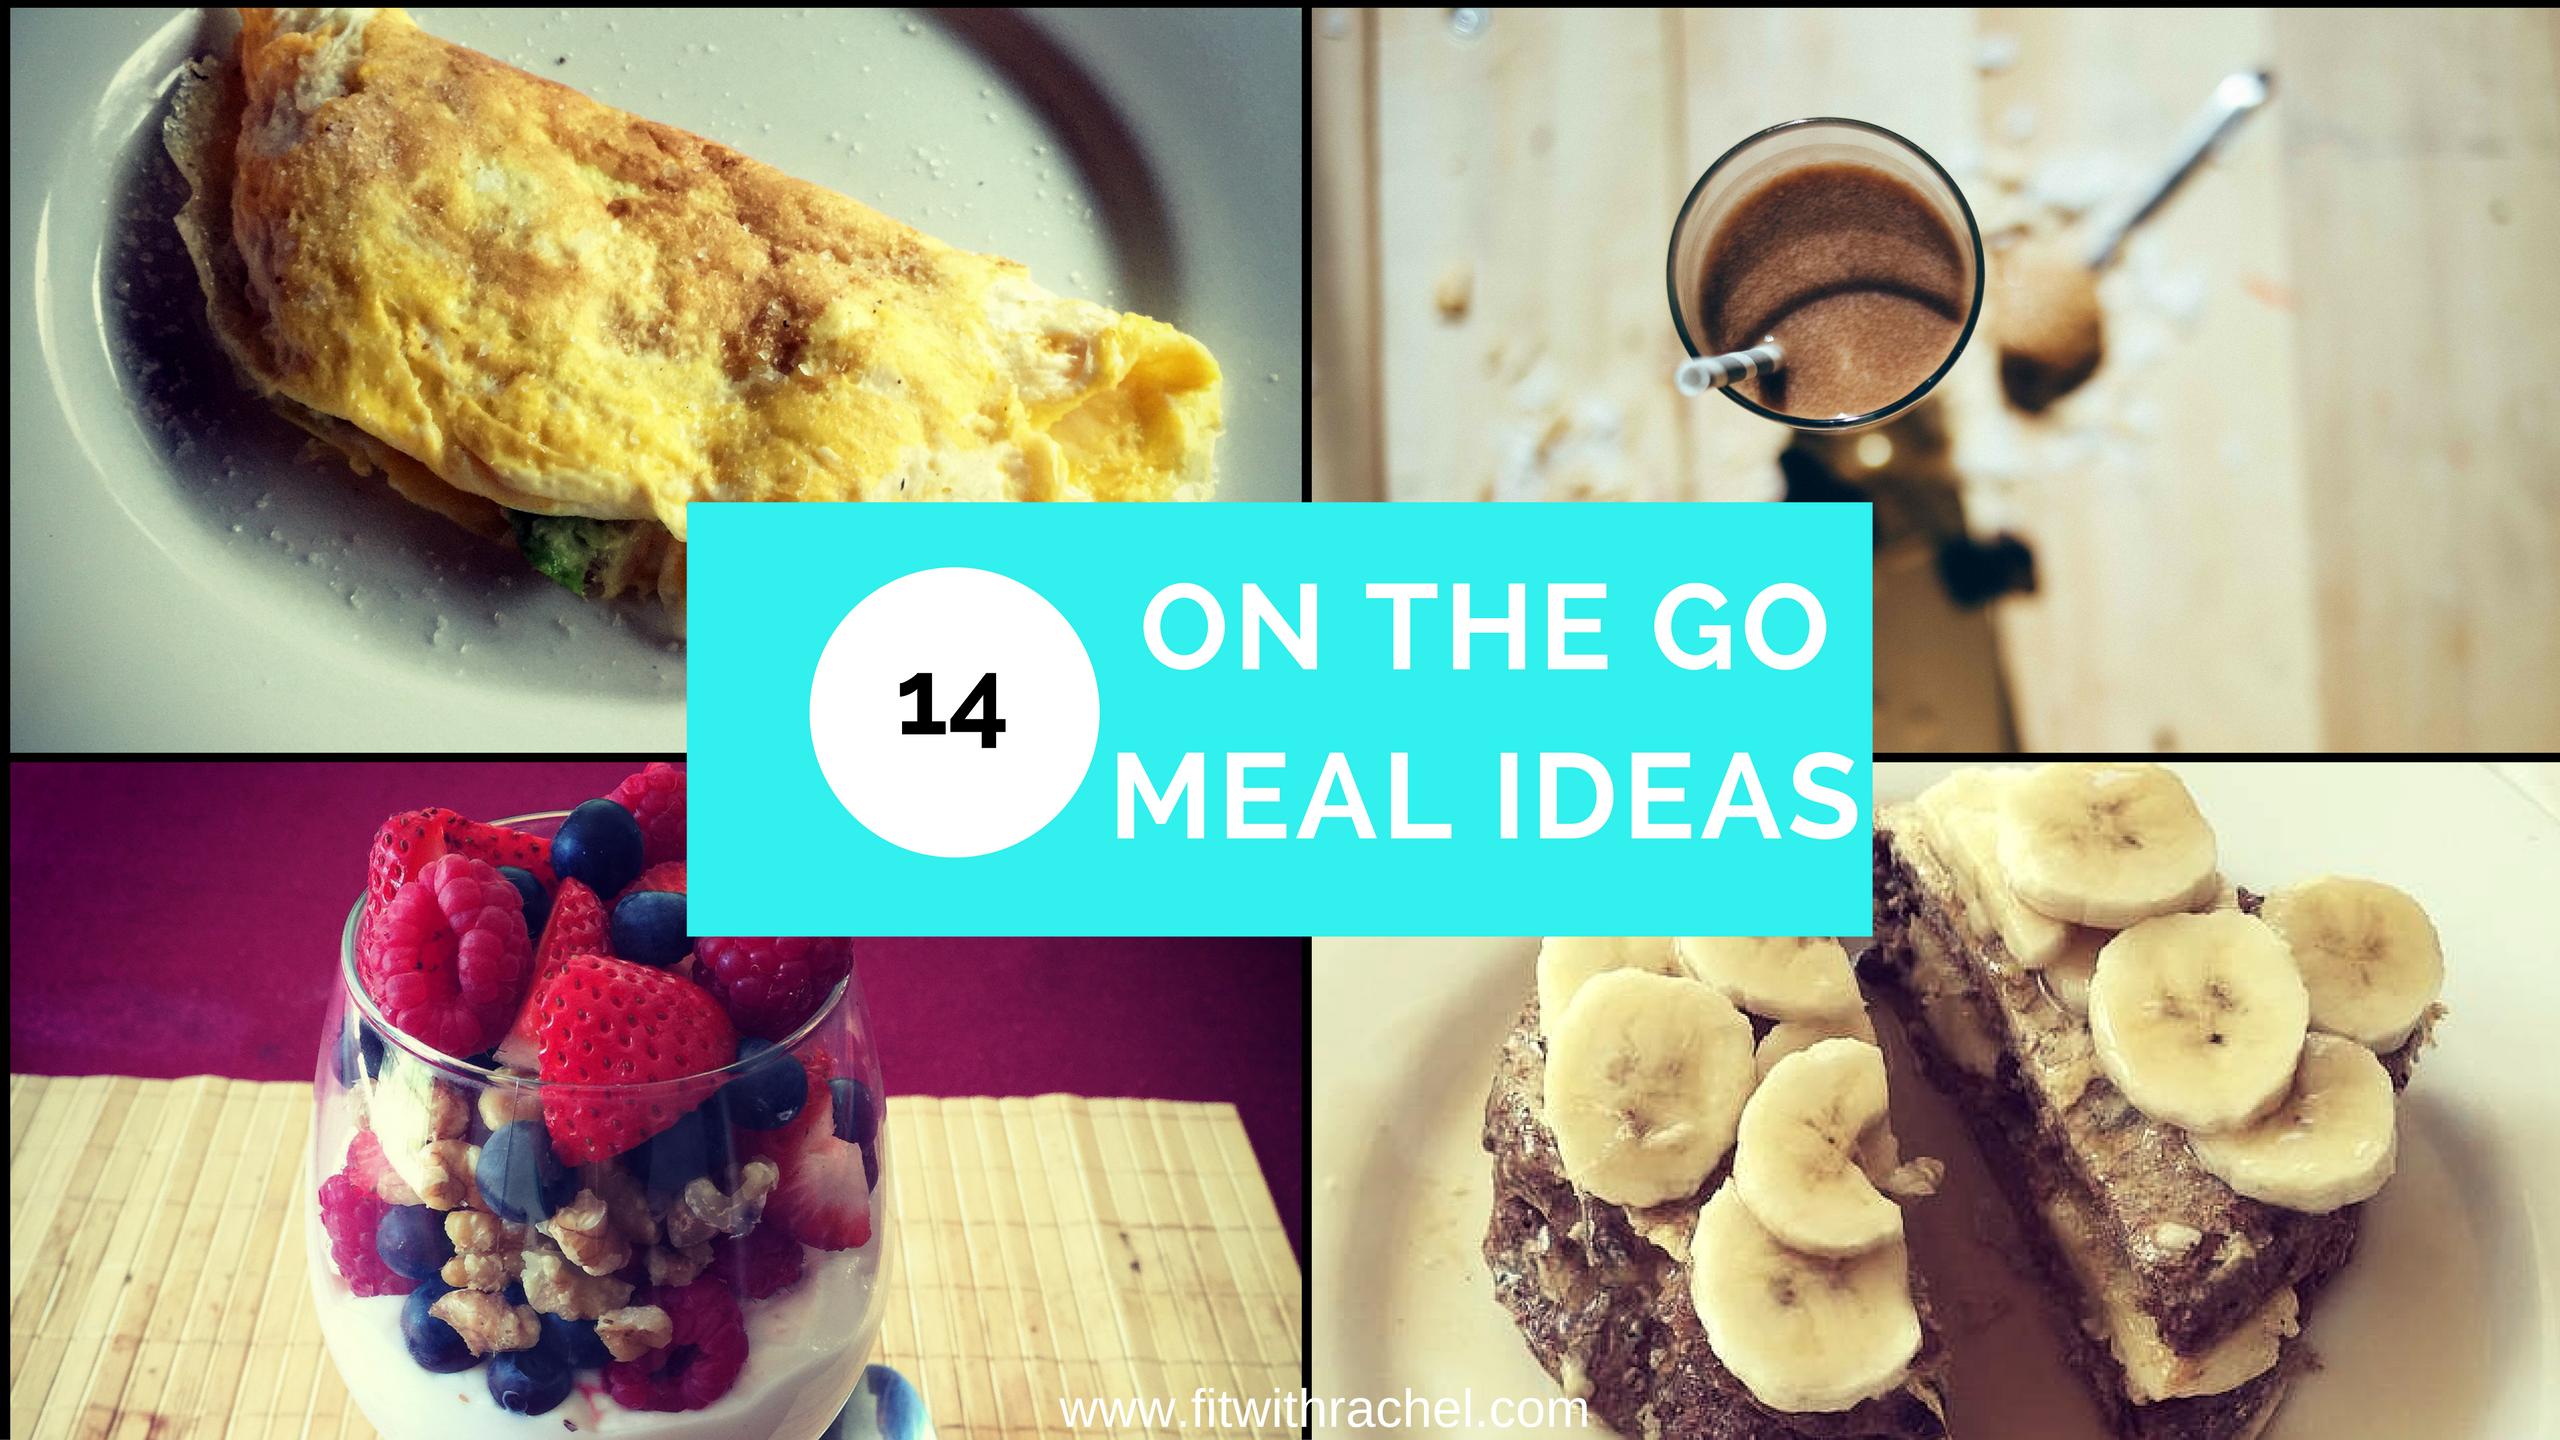 14 On the Go Meal Ideas